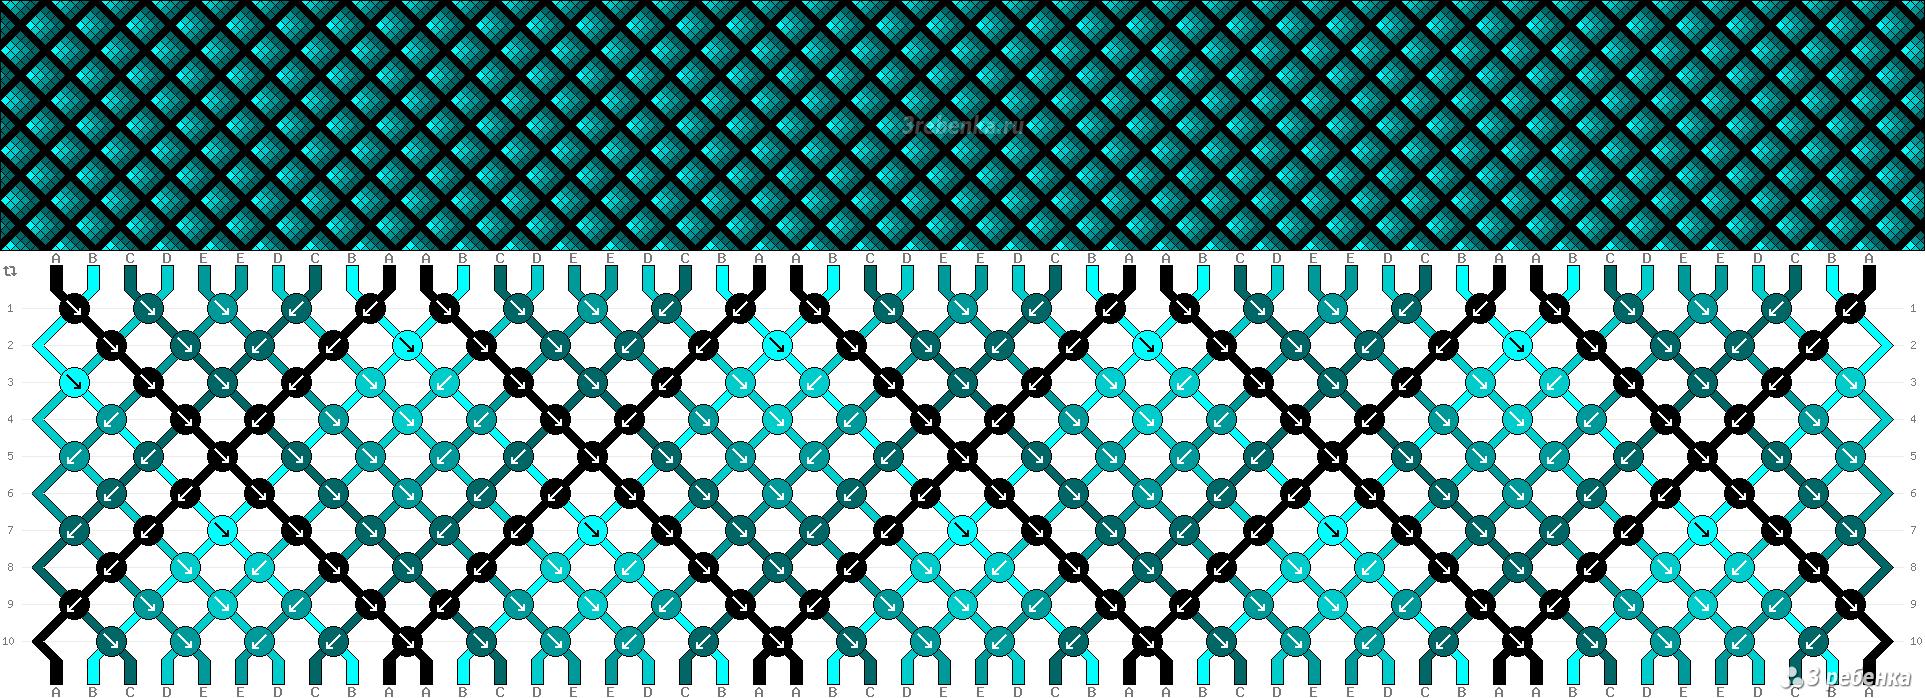 Схема плетения фенечки чешуйки